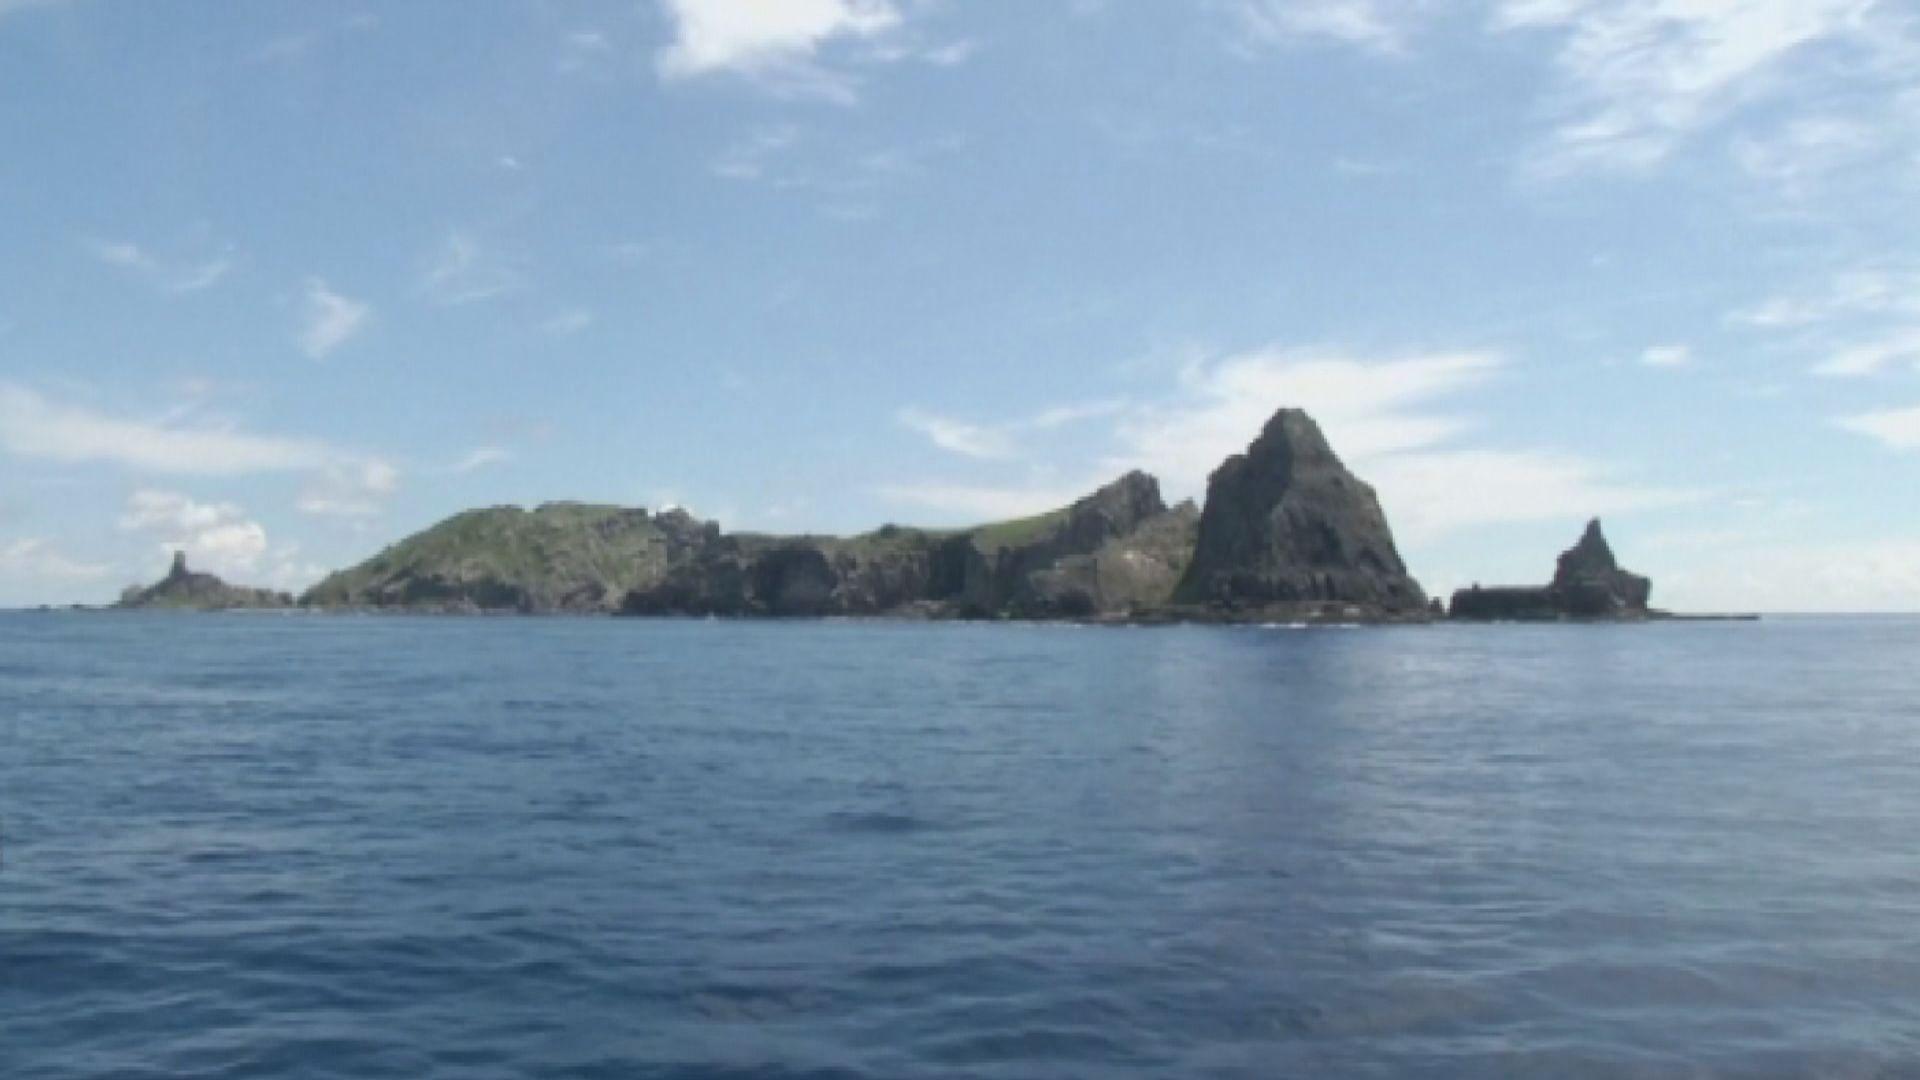 共同社:中日擬周三就釣魚島問題磋商